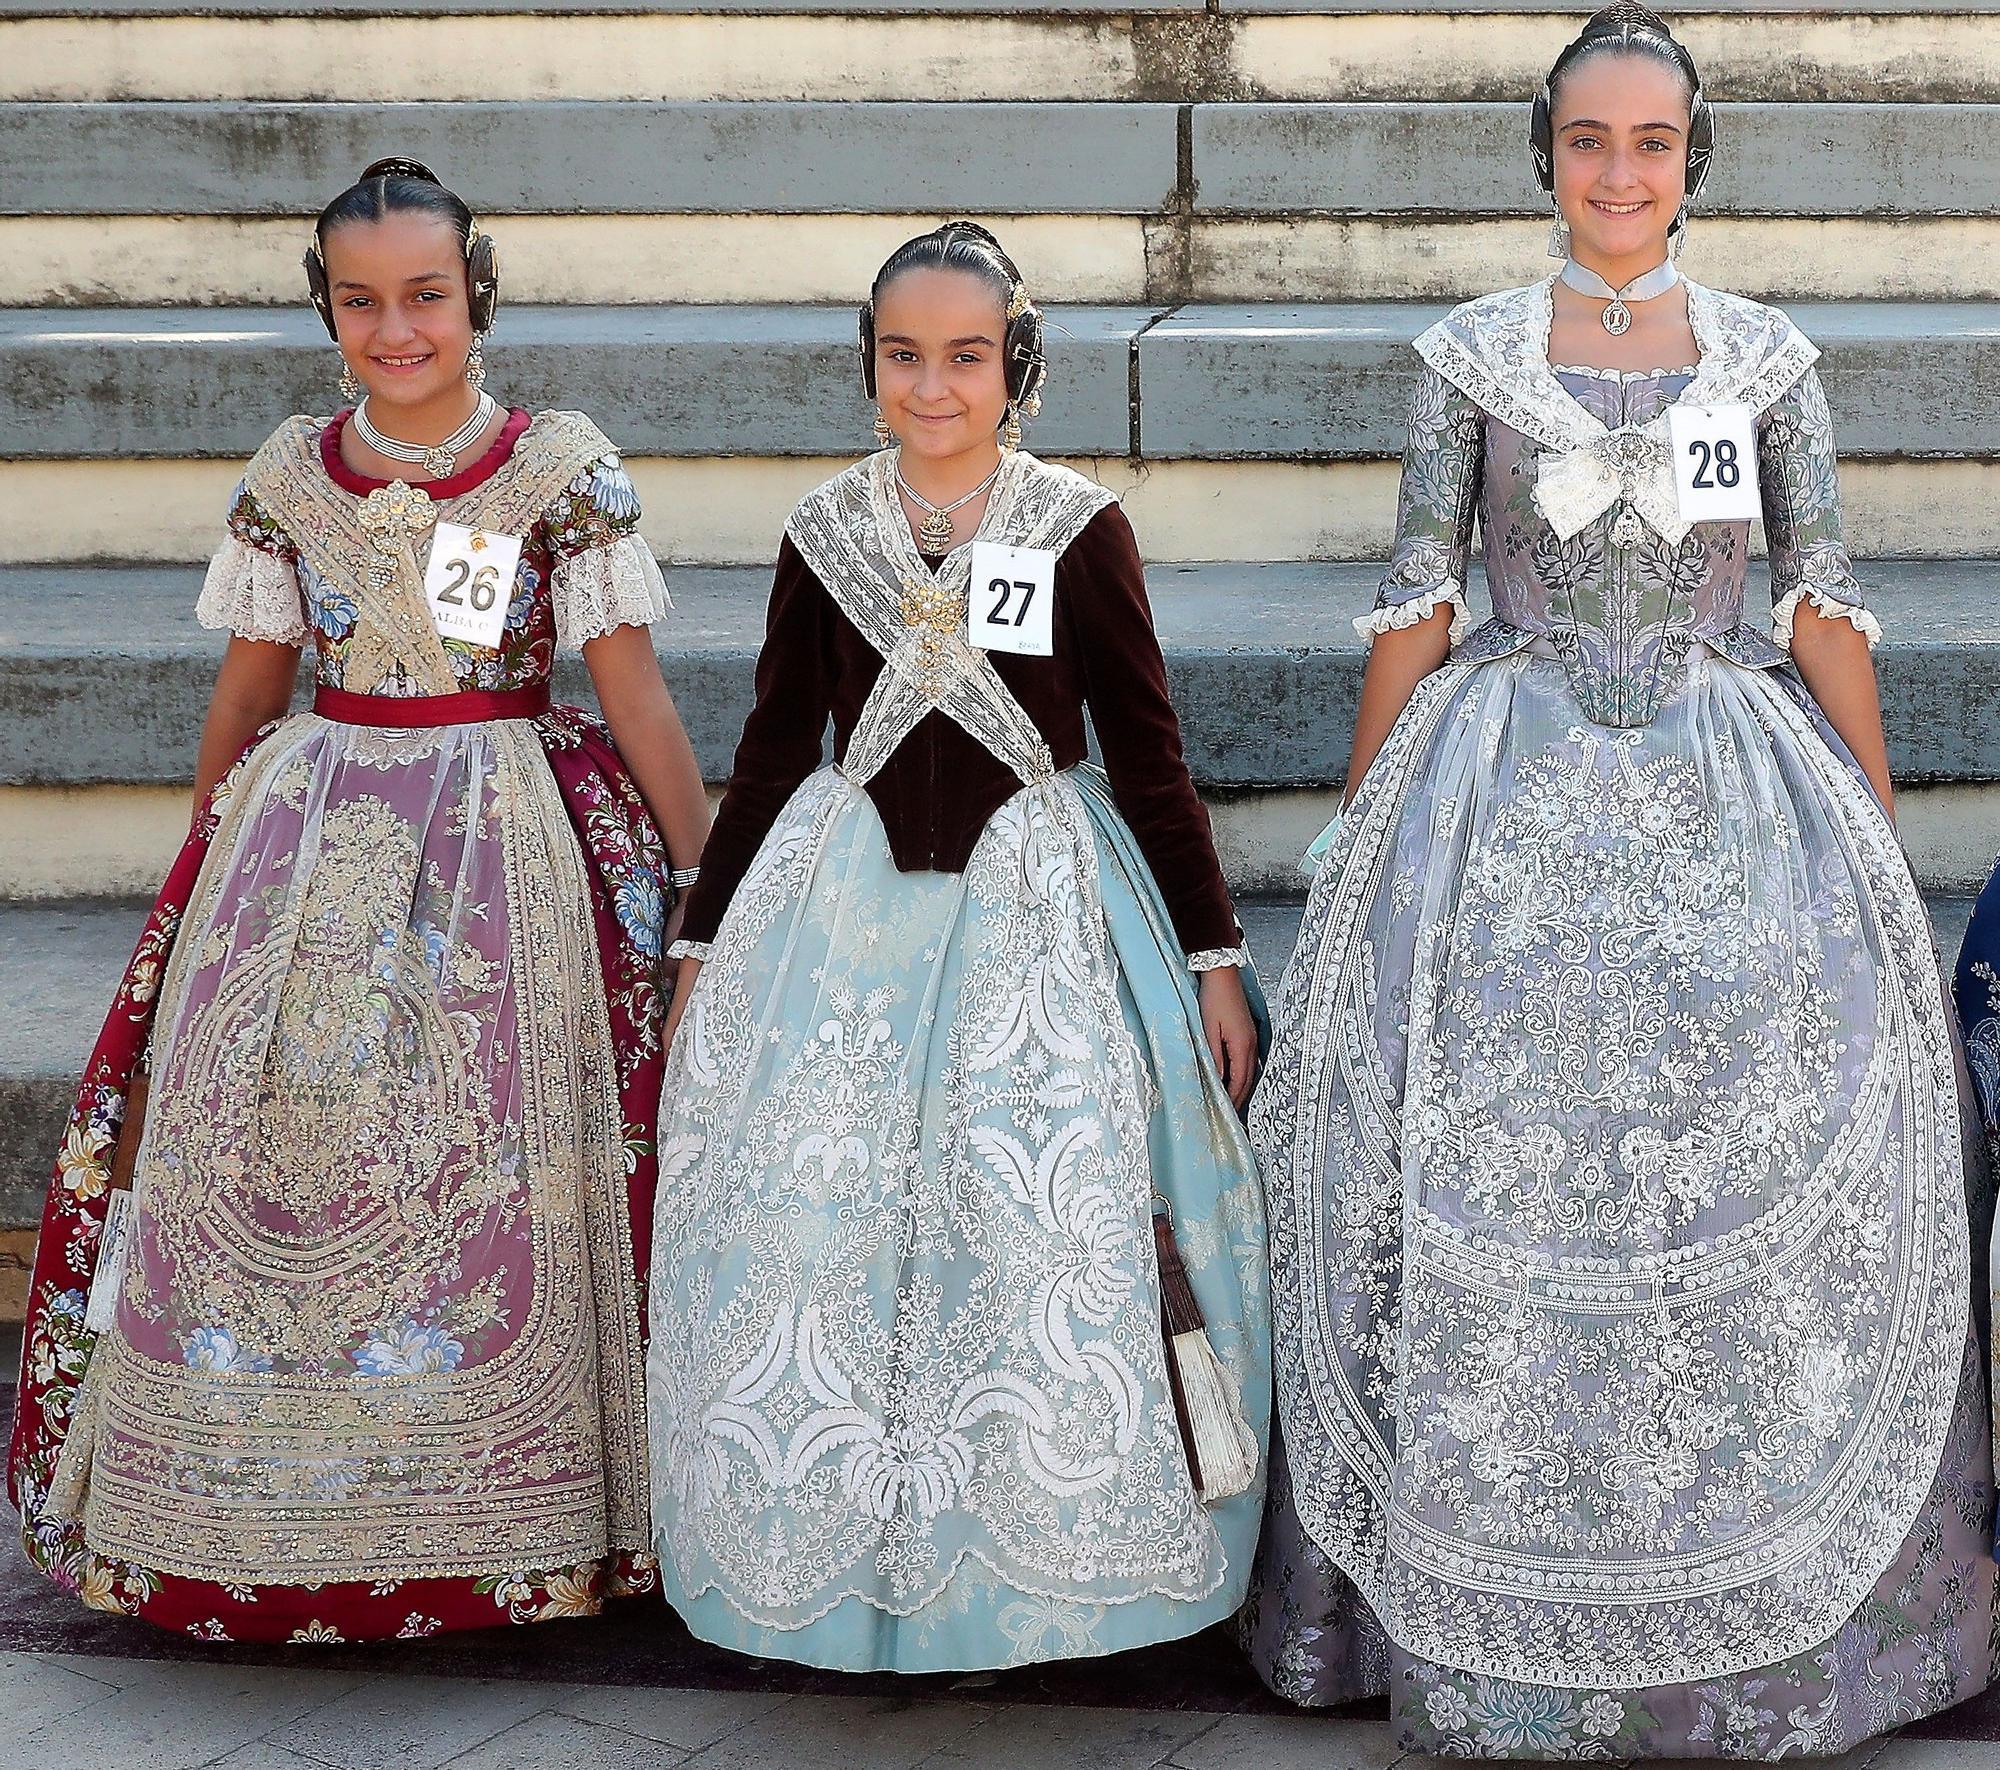 Las niñas que quieren ser fallera mayor infantil de València y corte 2022